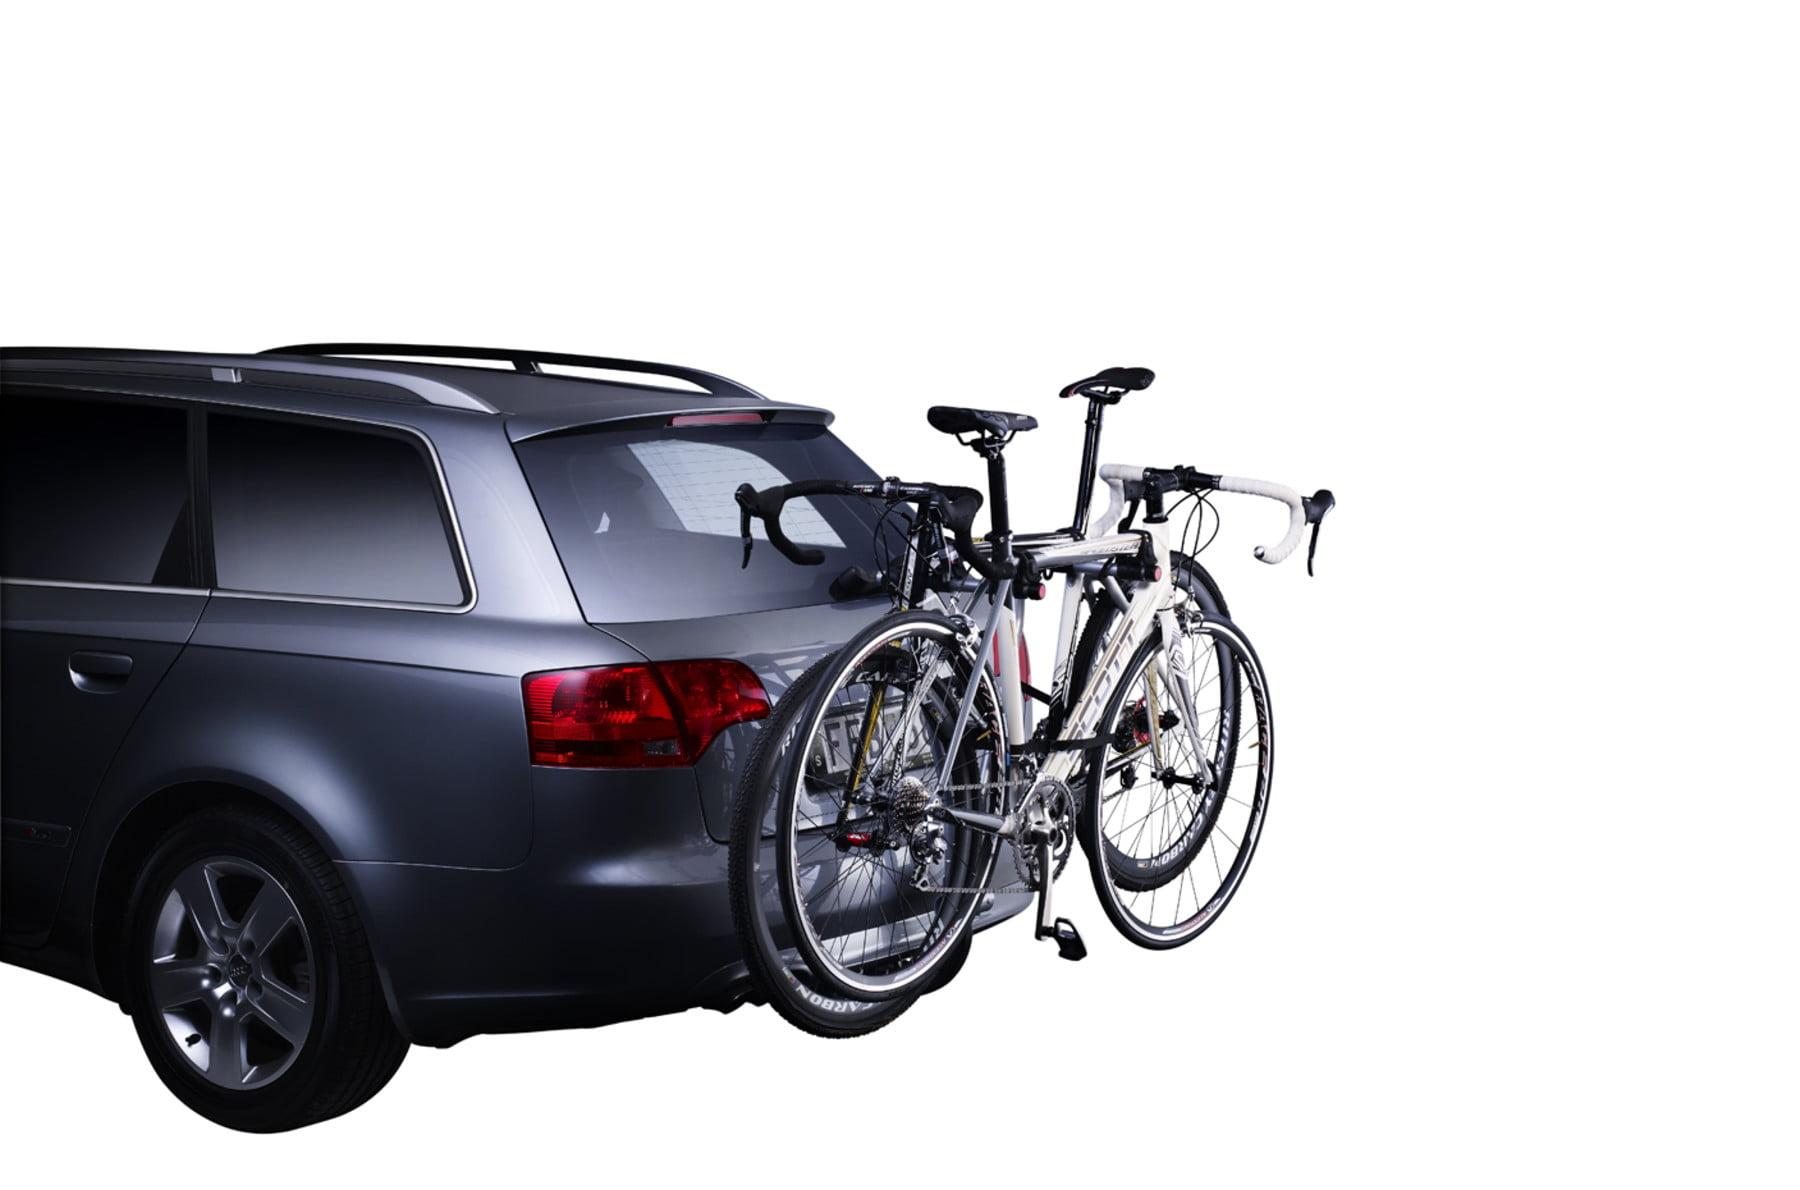 Suport biciclete Thule Xpress 2 cu prindere pe carligul de remorcare pentru 2 biciclete 1